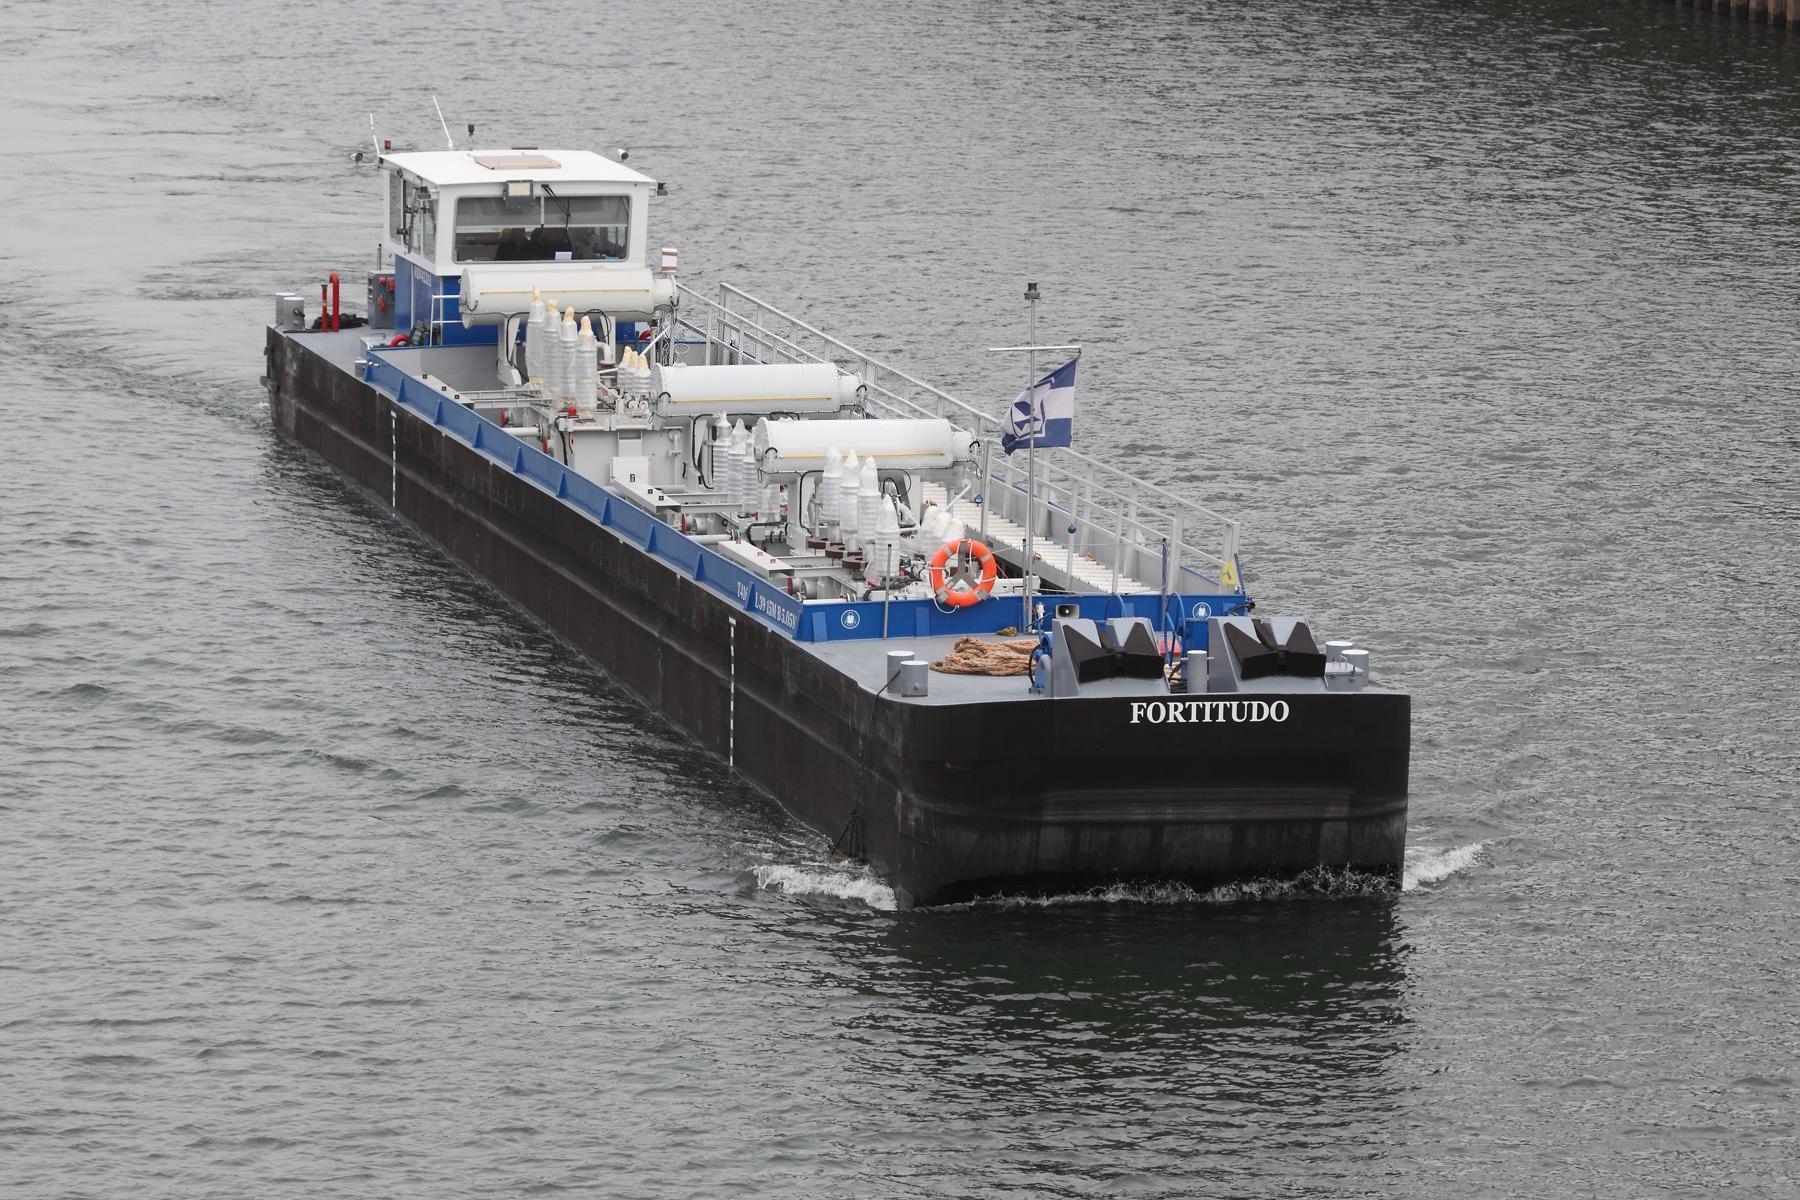 De Fortitudo is speciaal bedoeld voor het transport van zware lading over smalle kanalen. (Foto Rhenus)